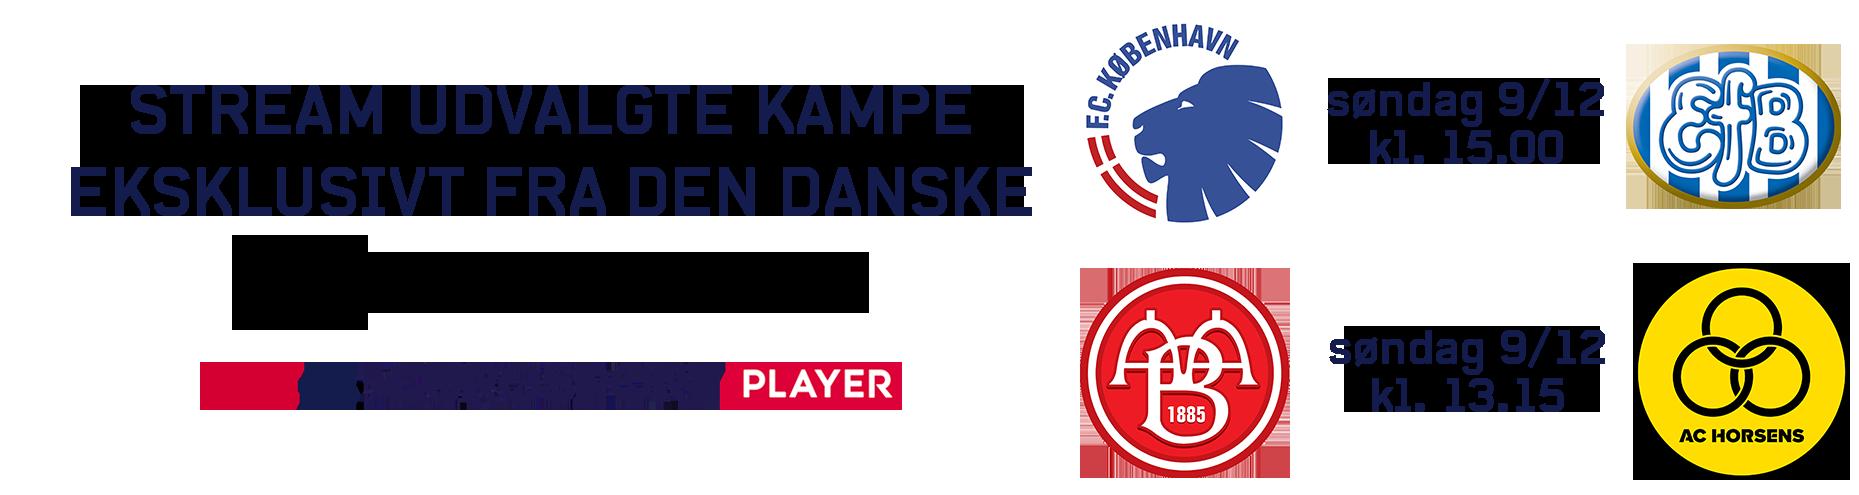 Stream udvalgte Superliga-kampe eksklusivt på Eurosport Player